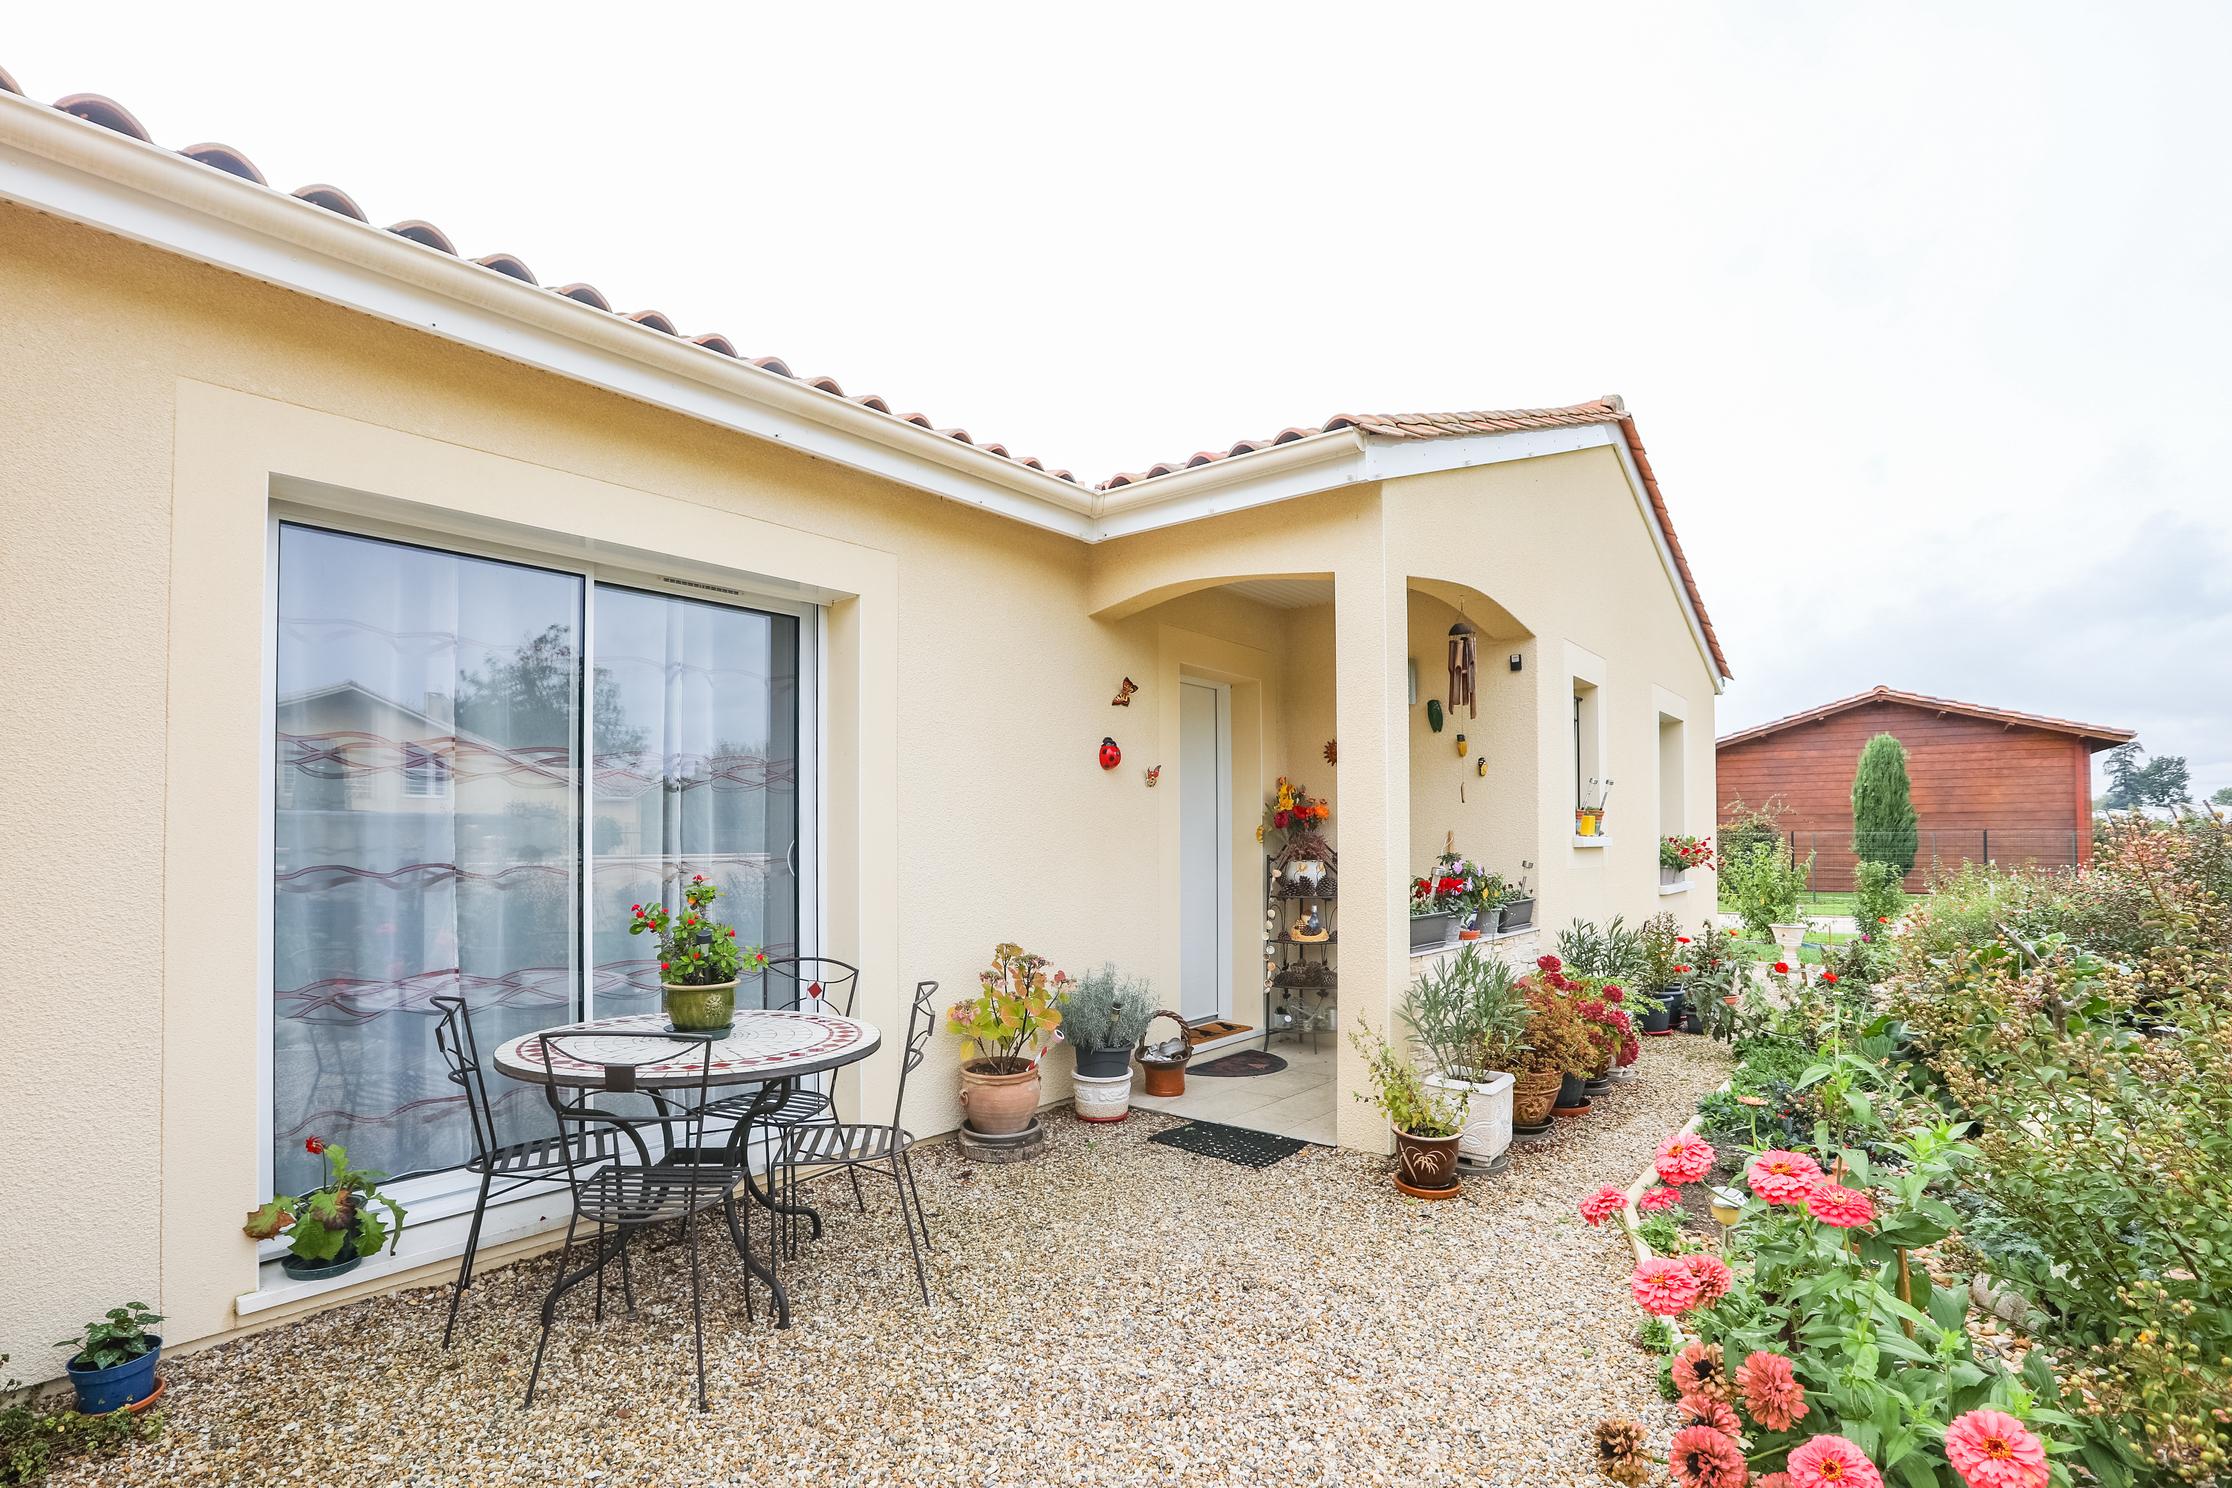 Porche de la maison couvert avec une vue fleurie